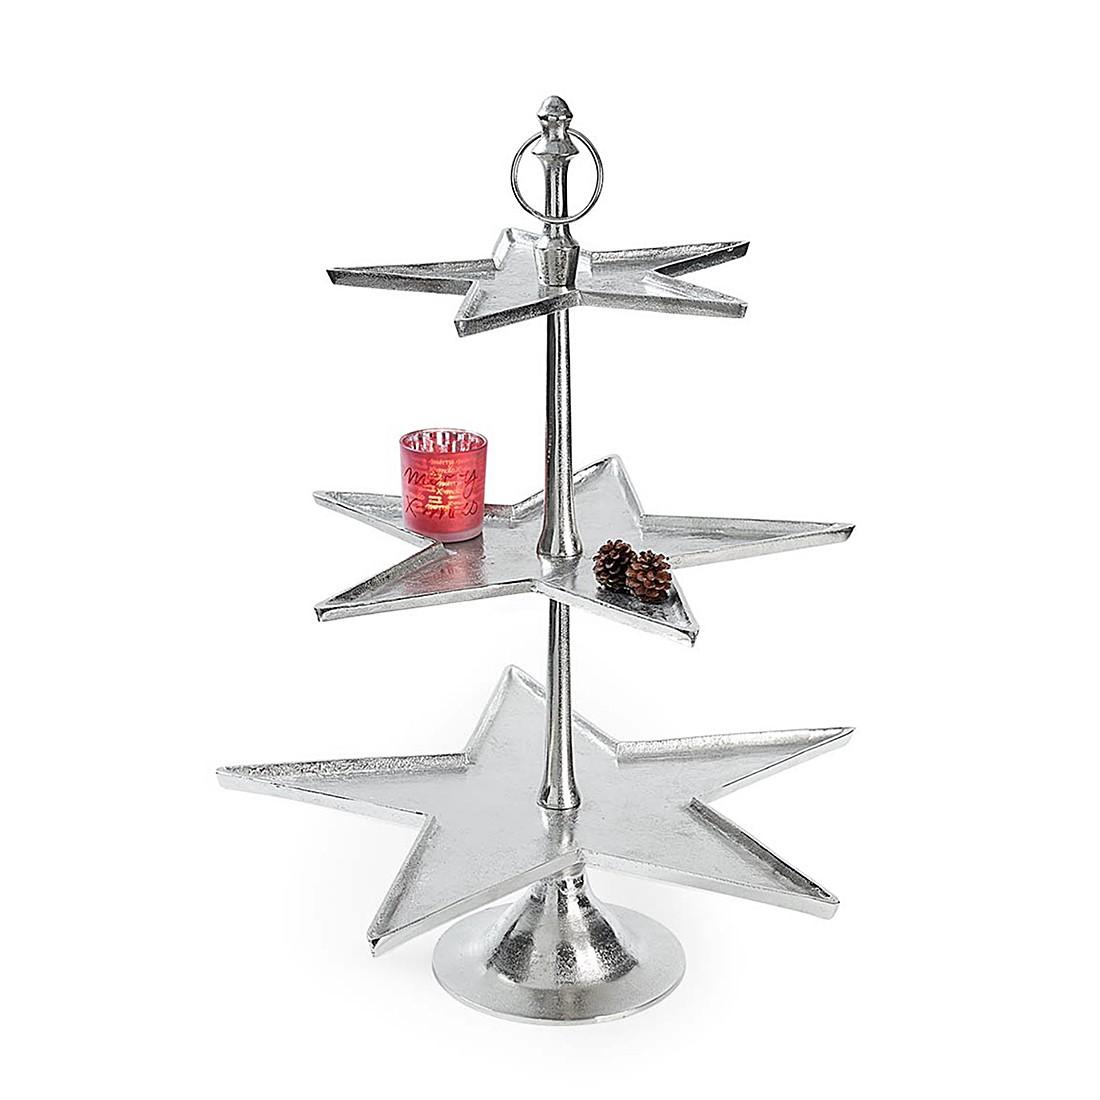 Etagere Stern (3-stöckig) – Metall – Silber, PureDay online kaufen